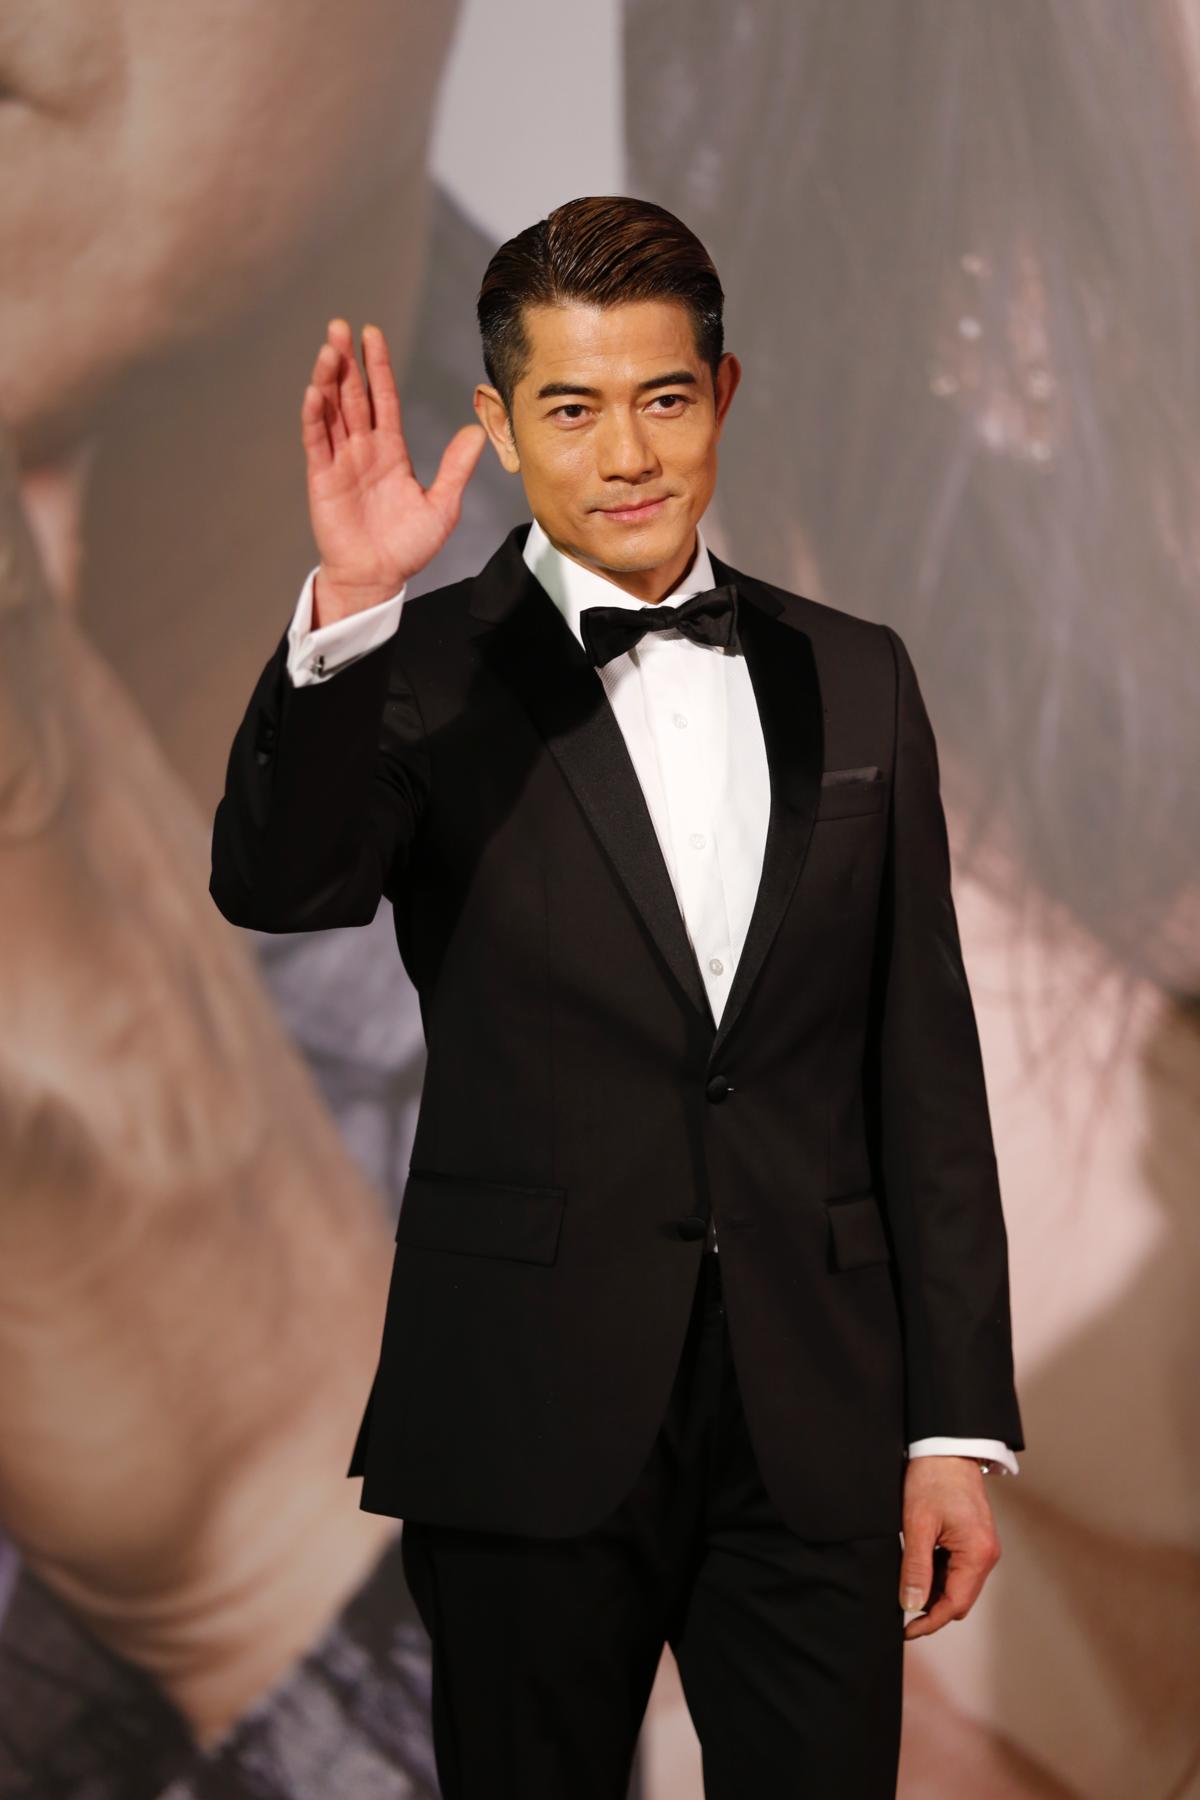 《無雙》的另一位男主角周潤發未出席頒獎,只好由郭富城撐大局。(IC PHOTO)